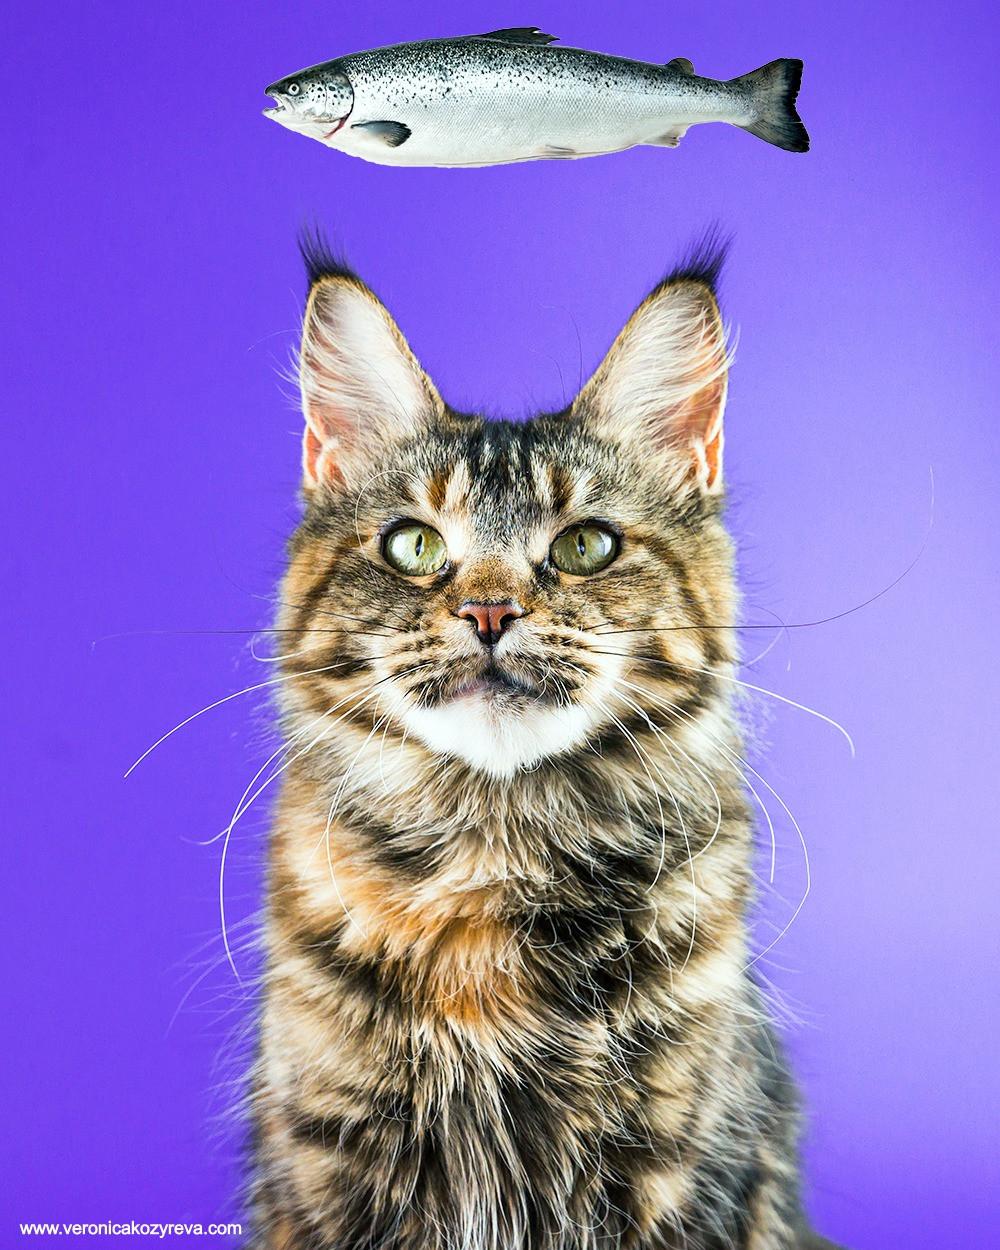 Кошка породы мейнкун из питомника Lynx Shadow. С рождения на натуральном питании